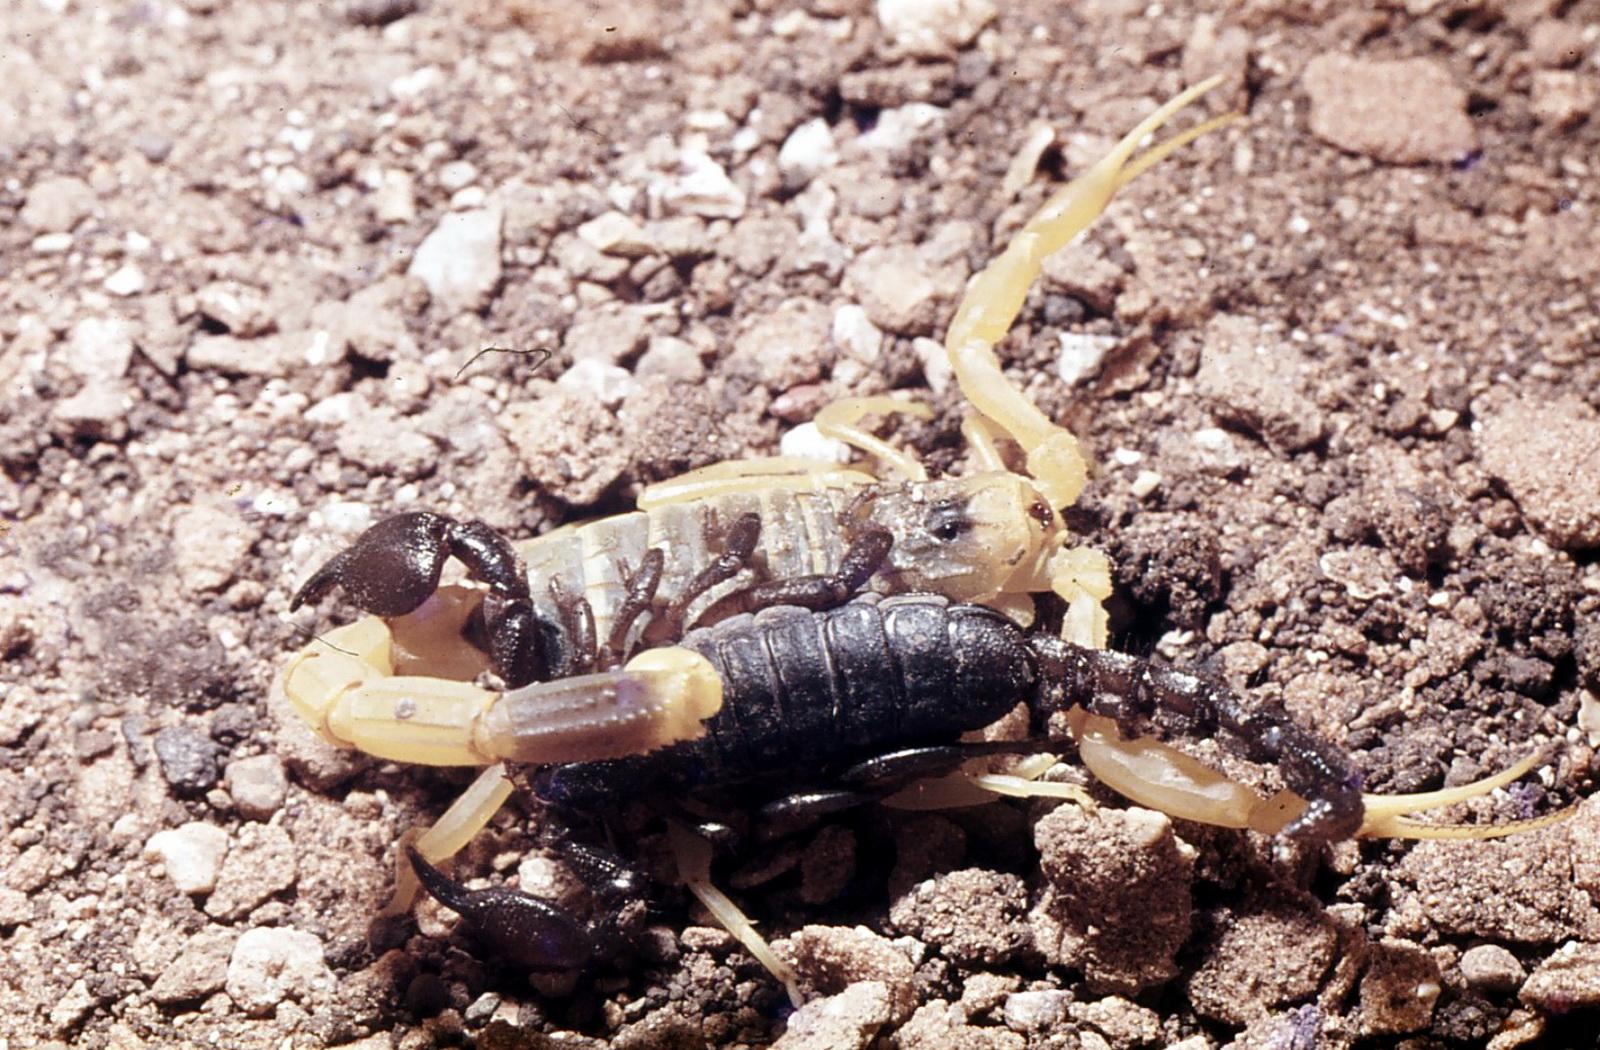 מפגש עקרבים צהב שחור - עקיצת הצהב